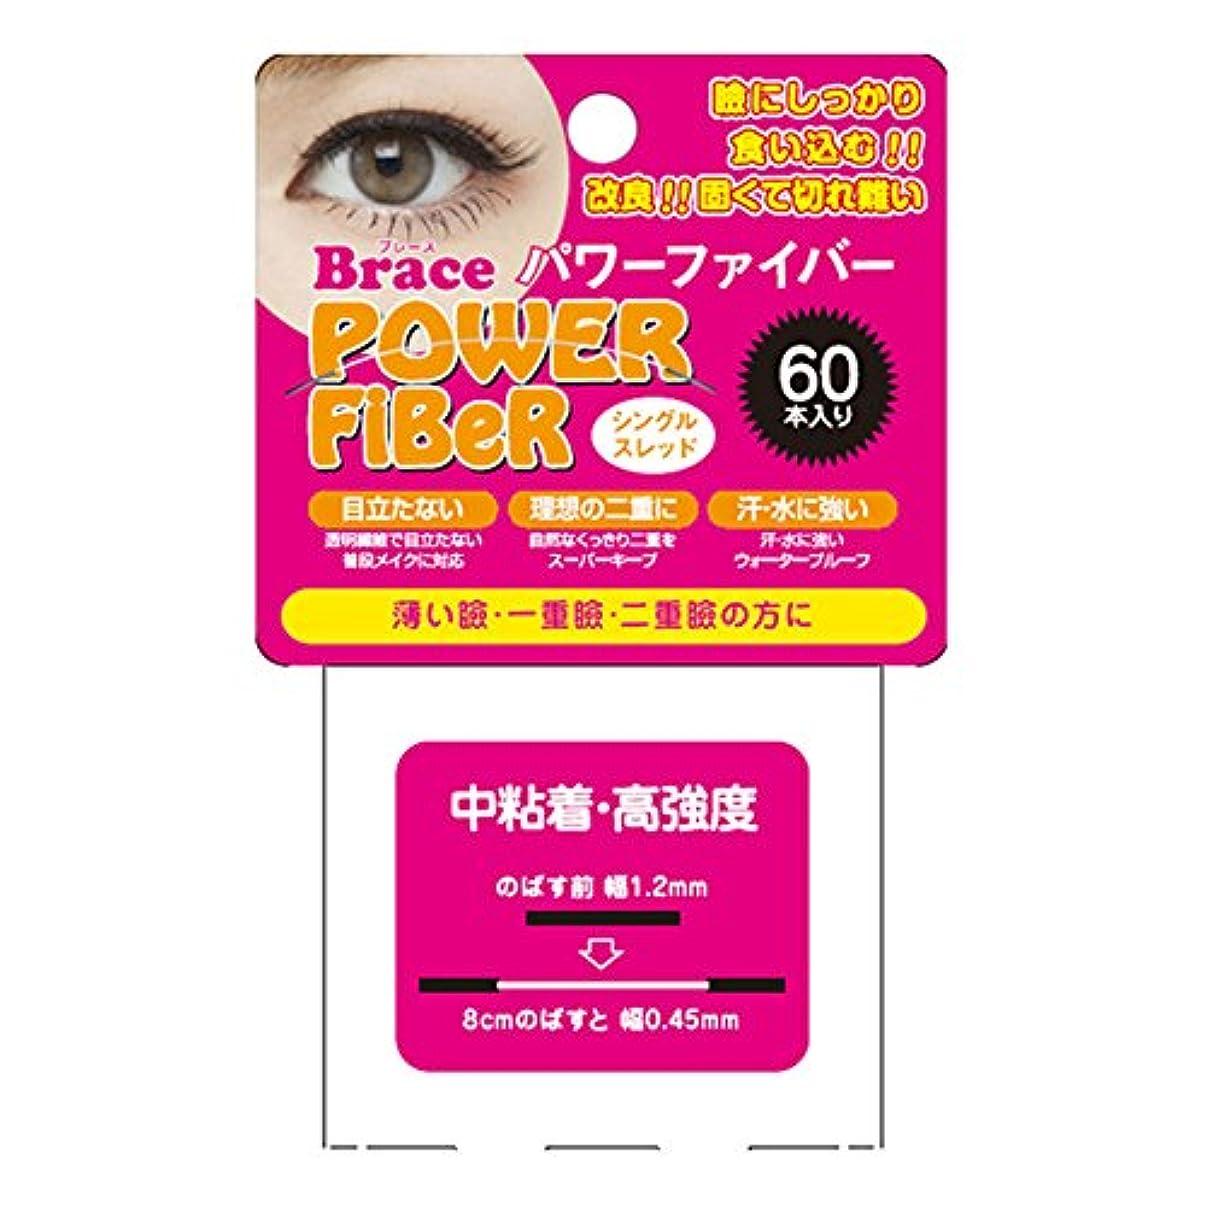 後世水没上にBrace ブレース パワーファイバー シングルスレッド クリア 1.2mm 60本入 (眼瞼下垂防止用テープ)